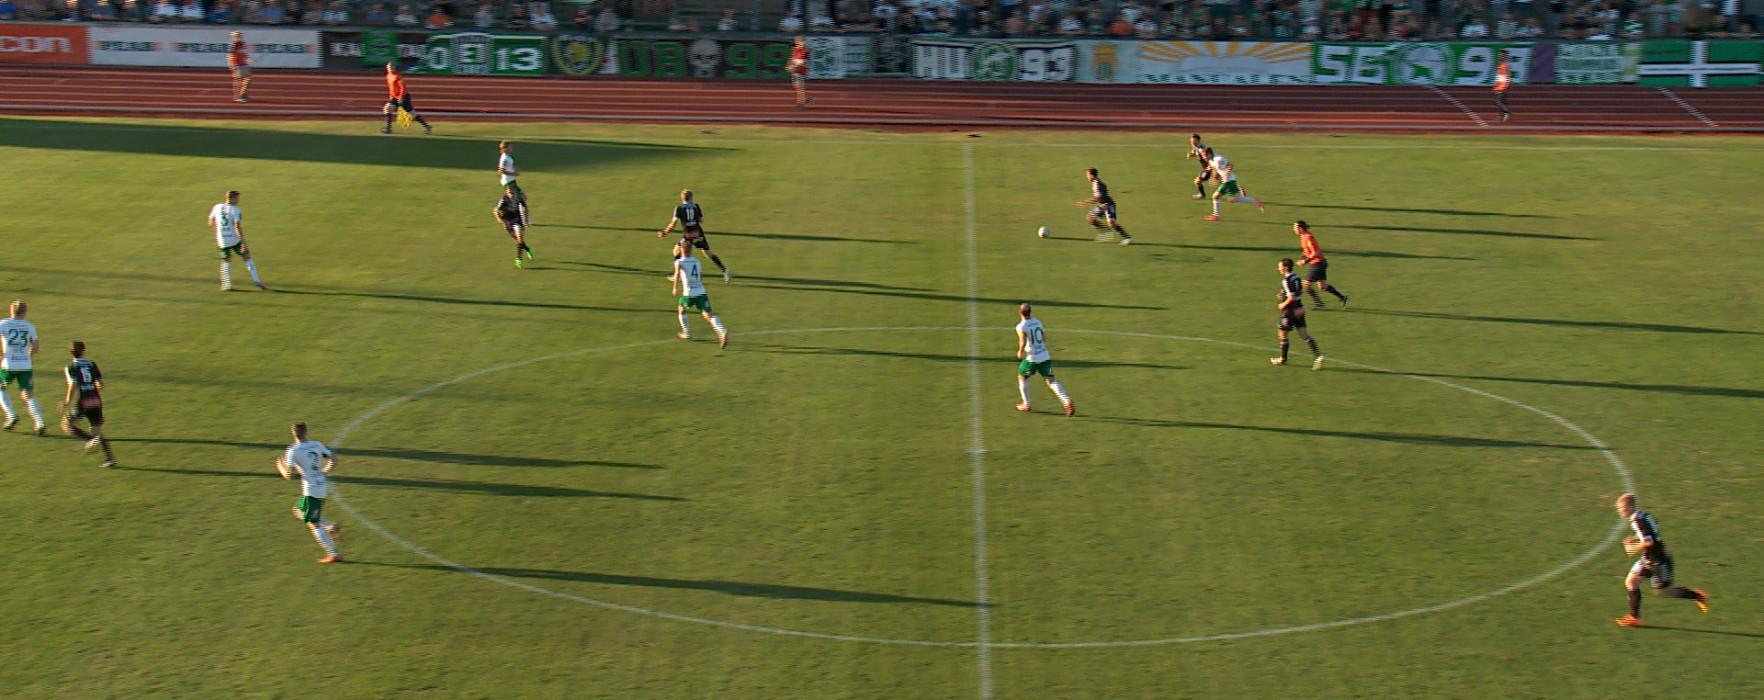 Sammandrag av matchen Carlstad United-Hammarby IF, Svenska Cupen